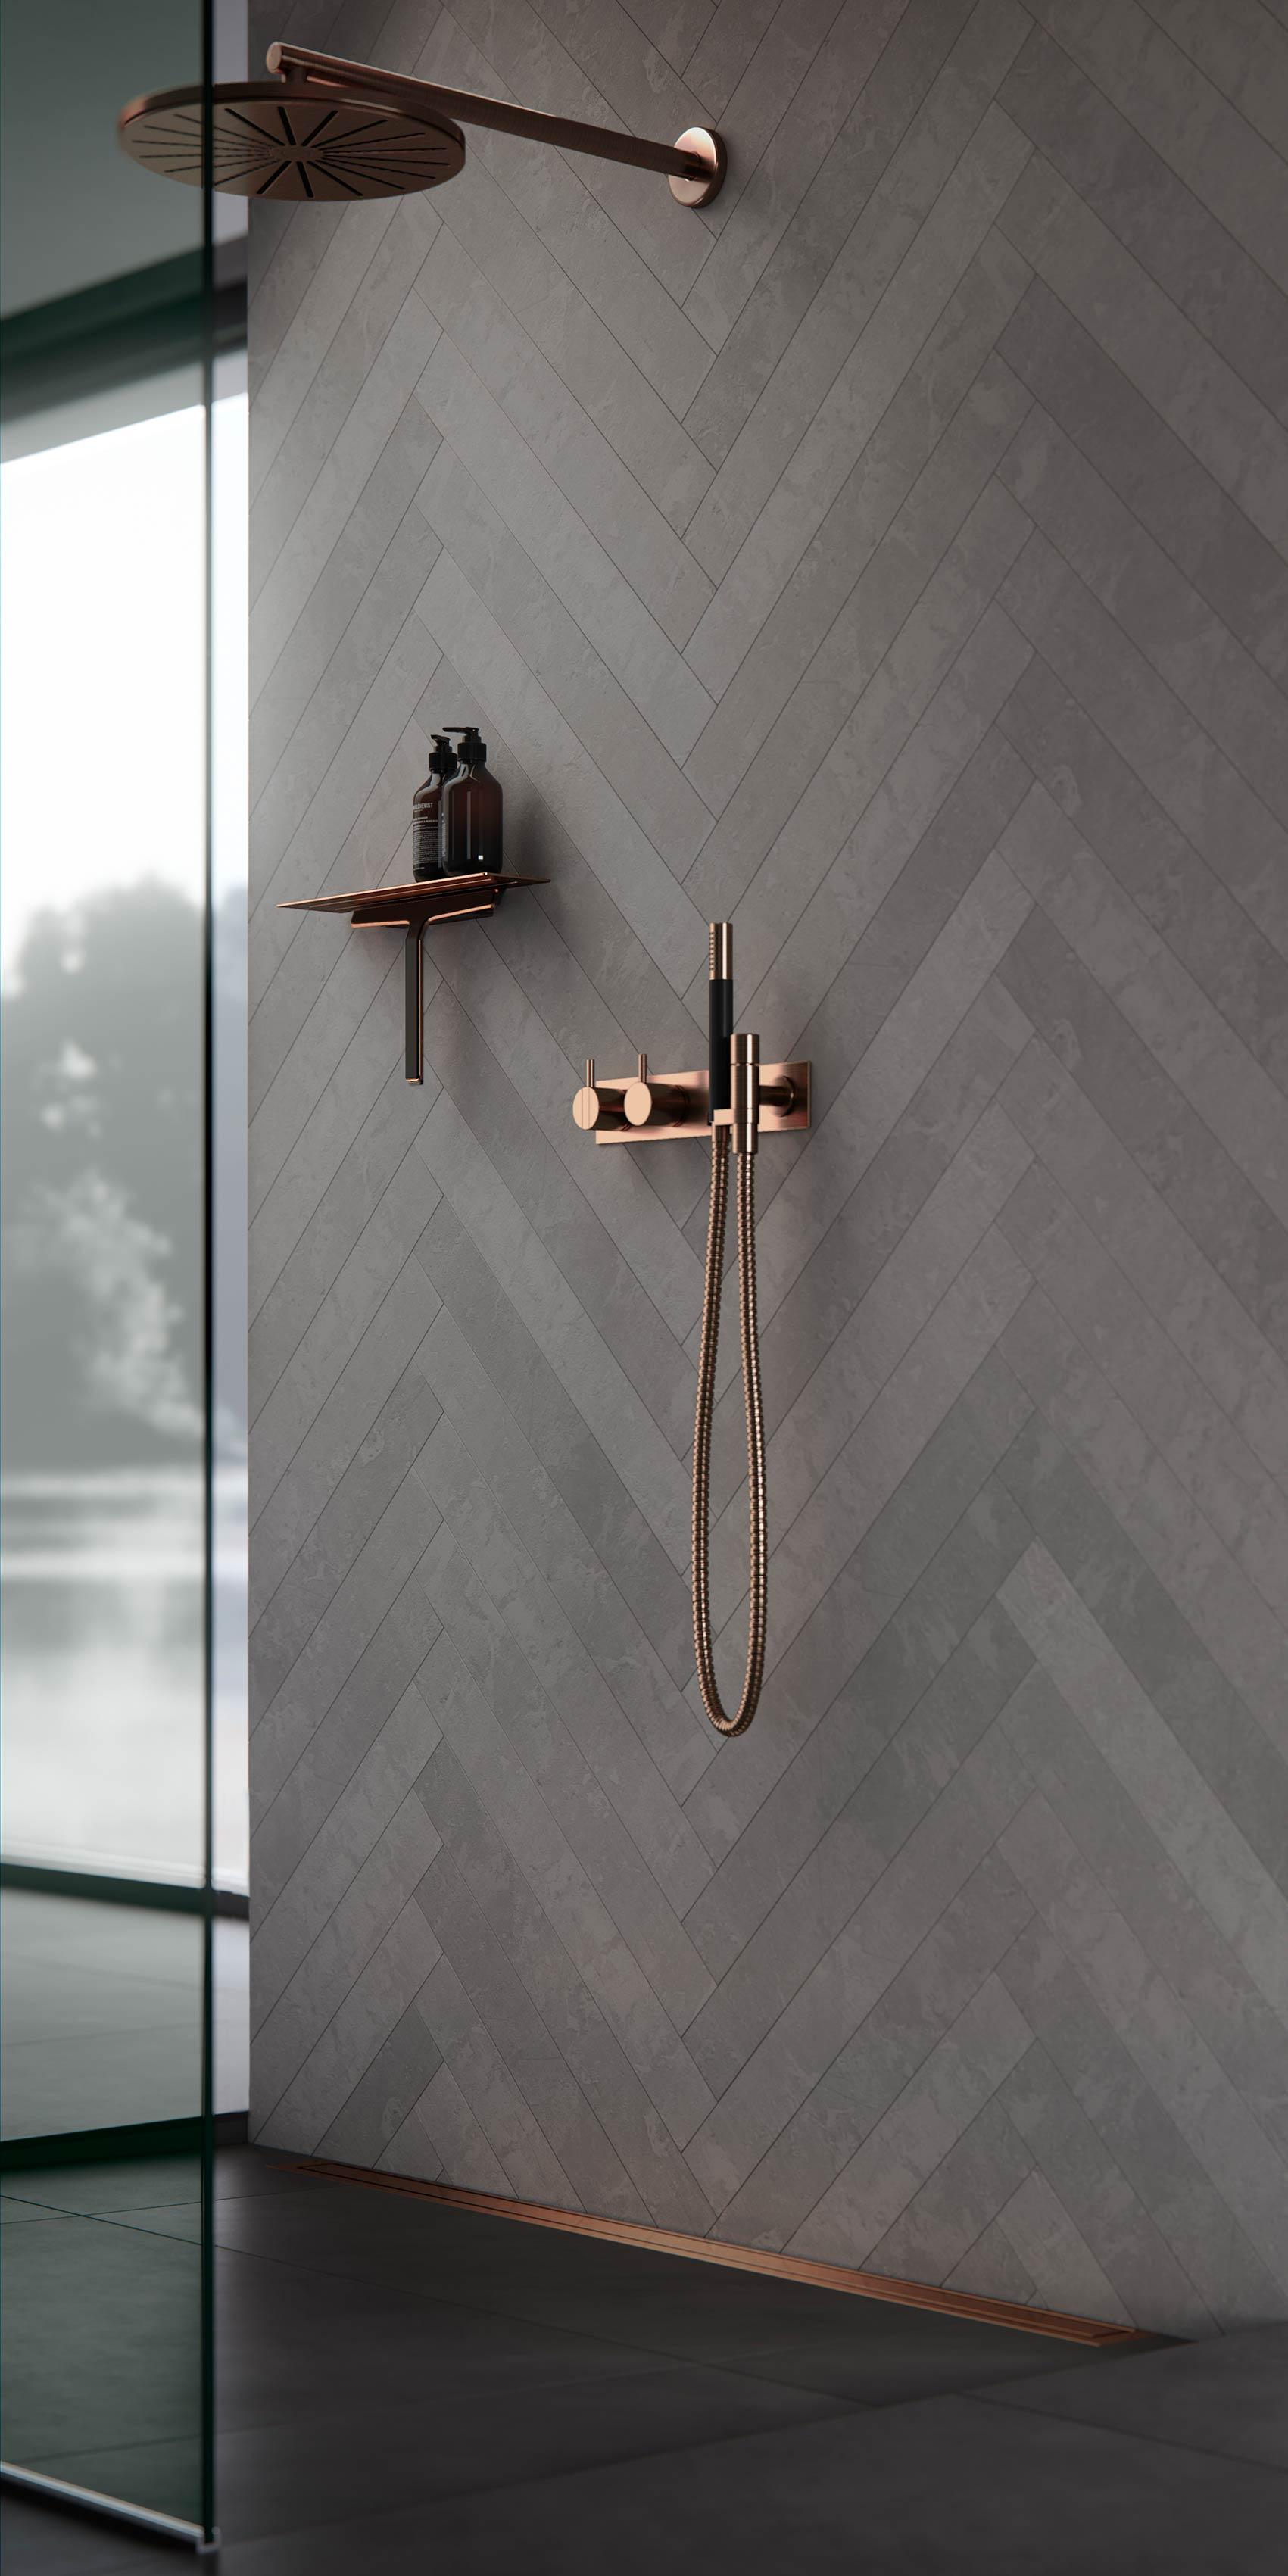 Zestaw prysznicowy w kolorze złotym